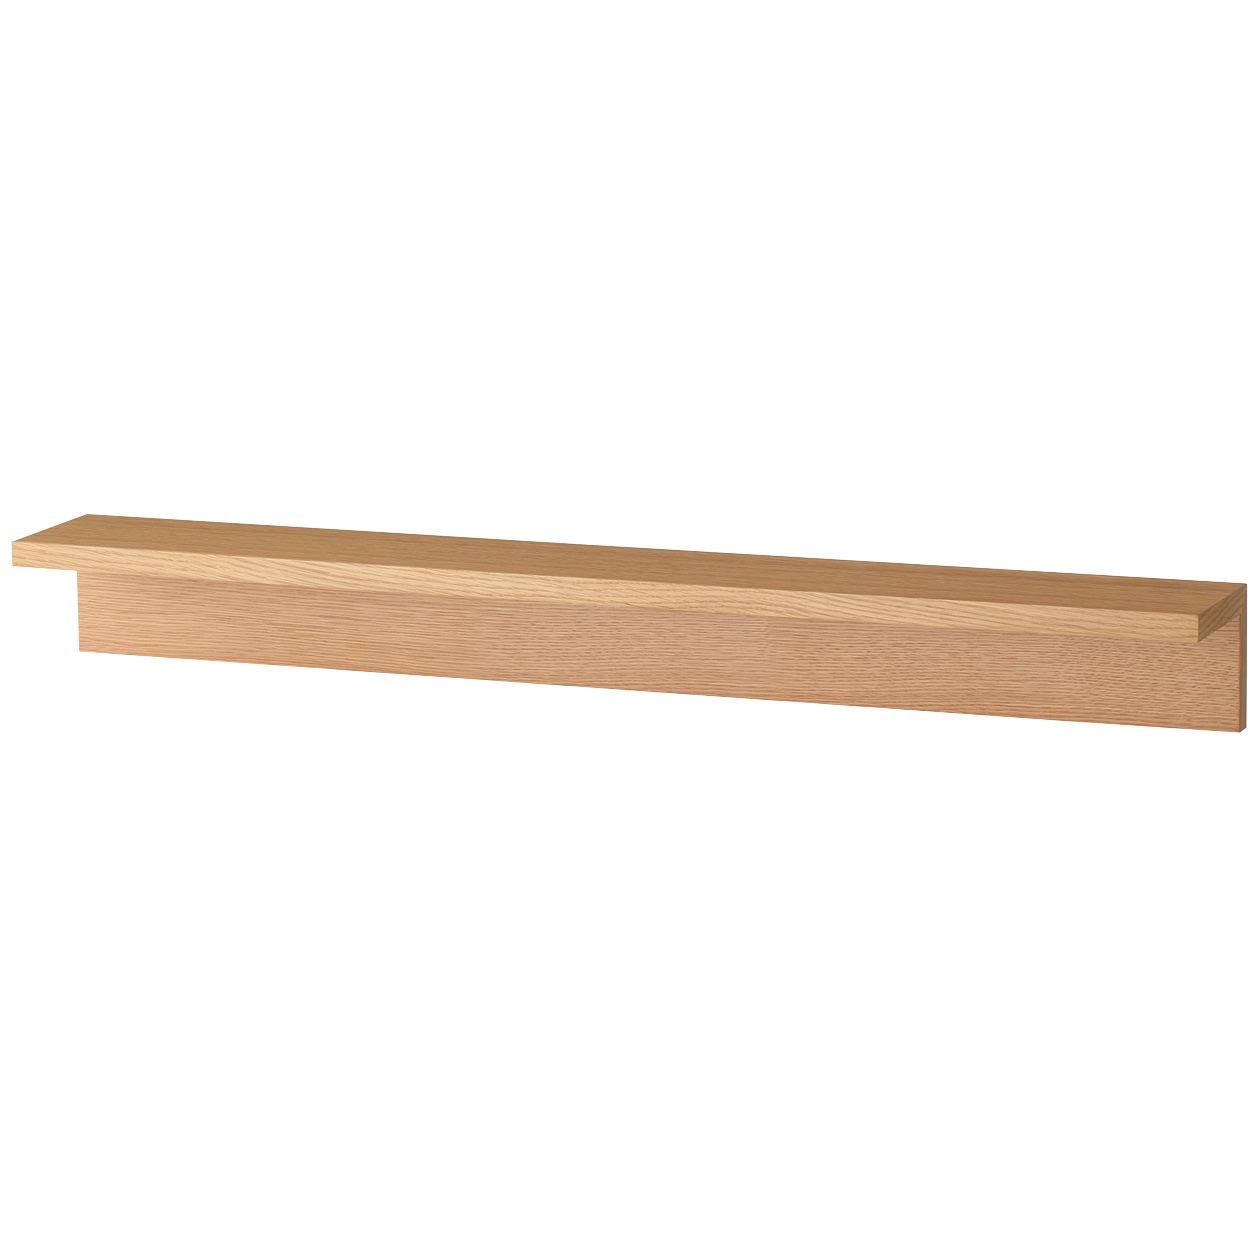 壁に付けられる家具・棚・幅88cm・オーク材